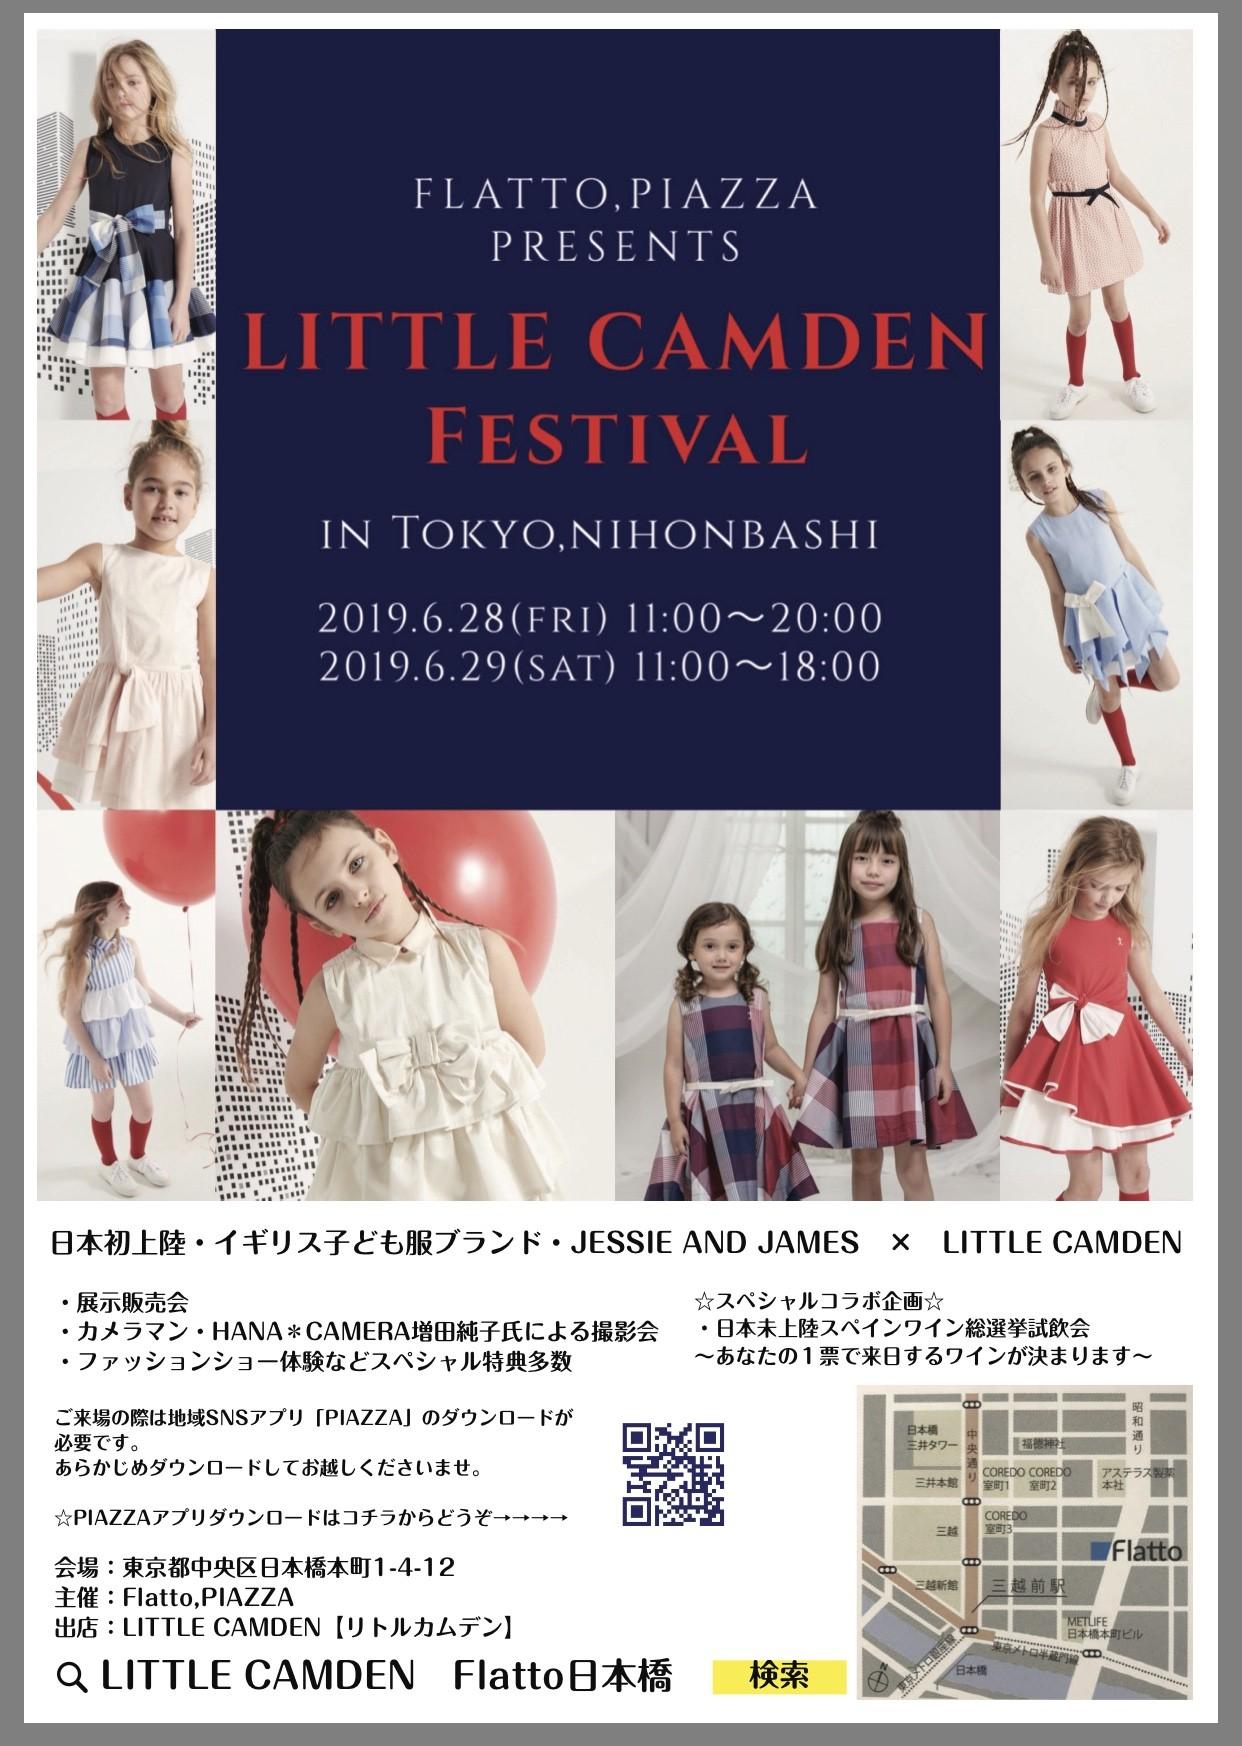 LITTLE CAMDEN FESTIVAL 【リトルカムデンフェスティバル】Flatto日本橋